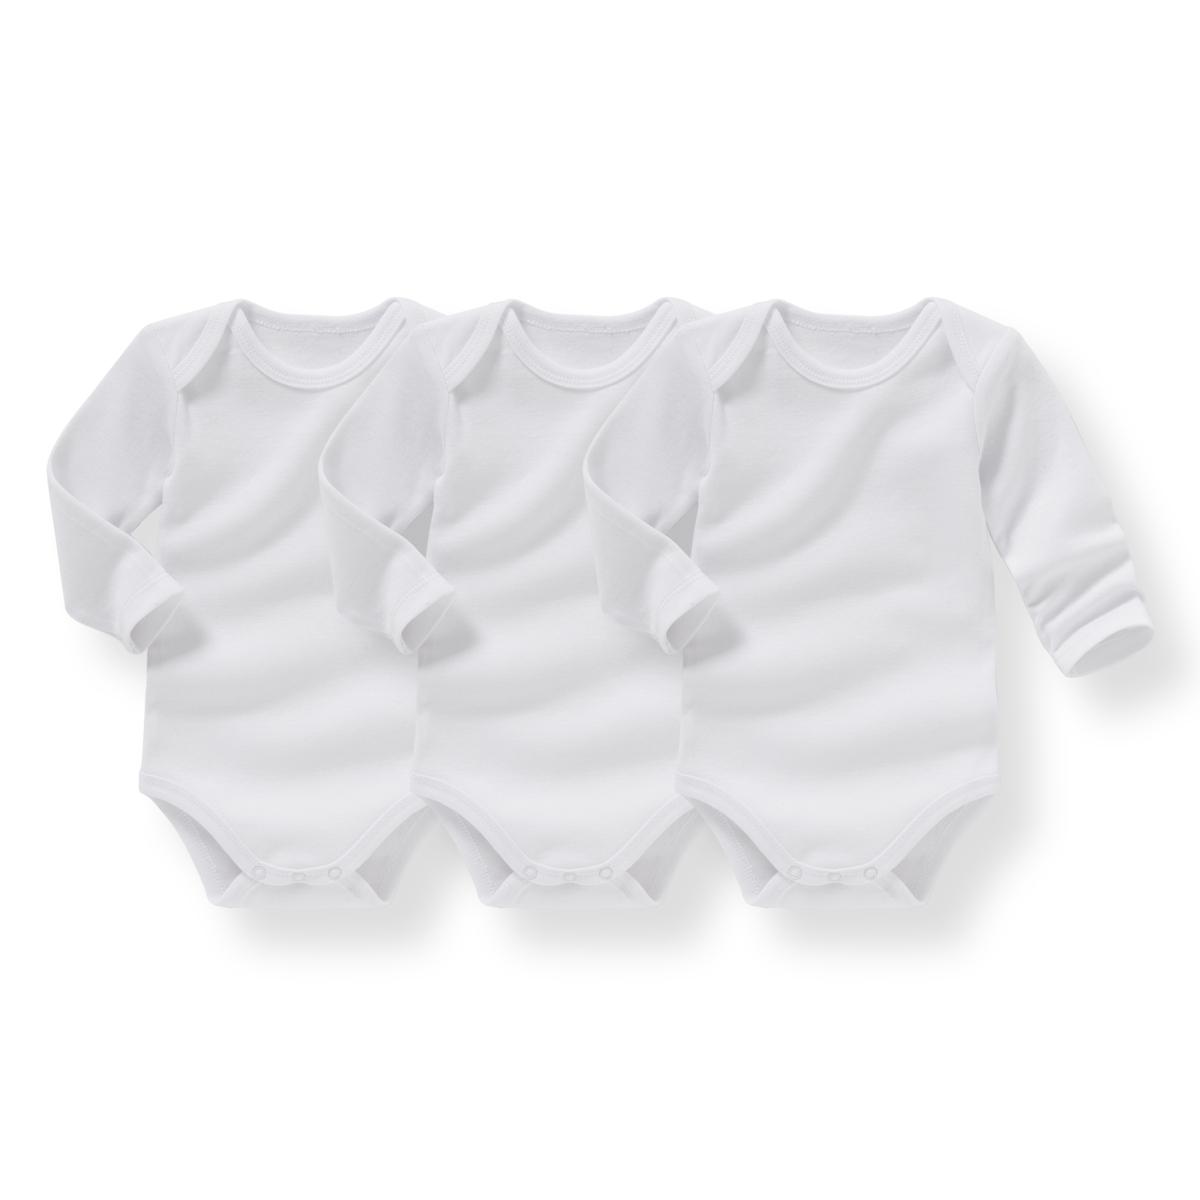 Комплект из хлопковых боди для малышейДетали  •  Для новорожденных •  Длинные рукава •  ХлопокСостав и уход  •  100% хлопок •  Температура стирки 40° •  Сухая чистка и отбеливание запрещены   •  Машинная сушка на деликатном режиме •  Низкая температура глажки<br><br>Цвет: белый<br>Размер: 1 мес. - 54 см.3 мес. - 60 см.6 мес. - 67 см.9 мес. - 71 см.1 год - 74 см.2 года - 86 см.3 года - 94 см